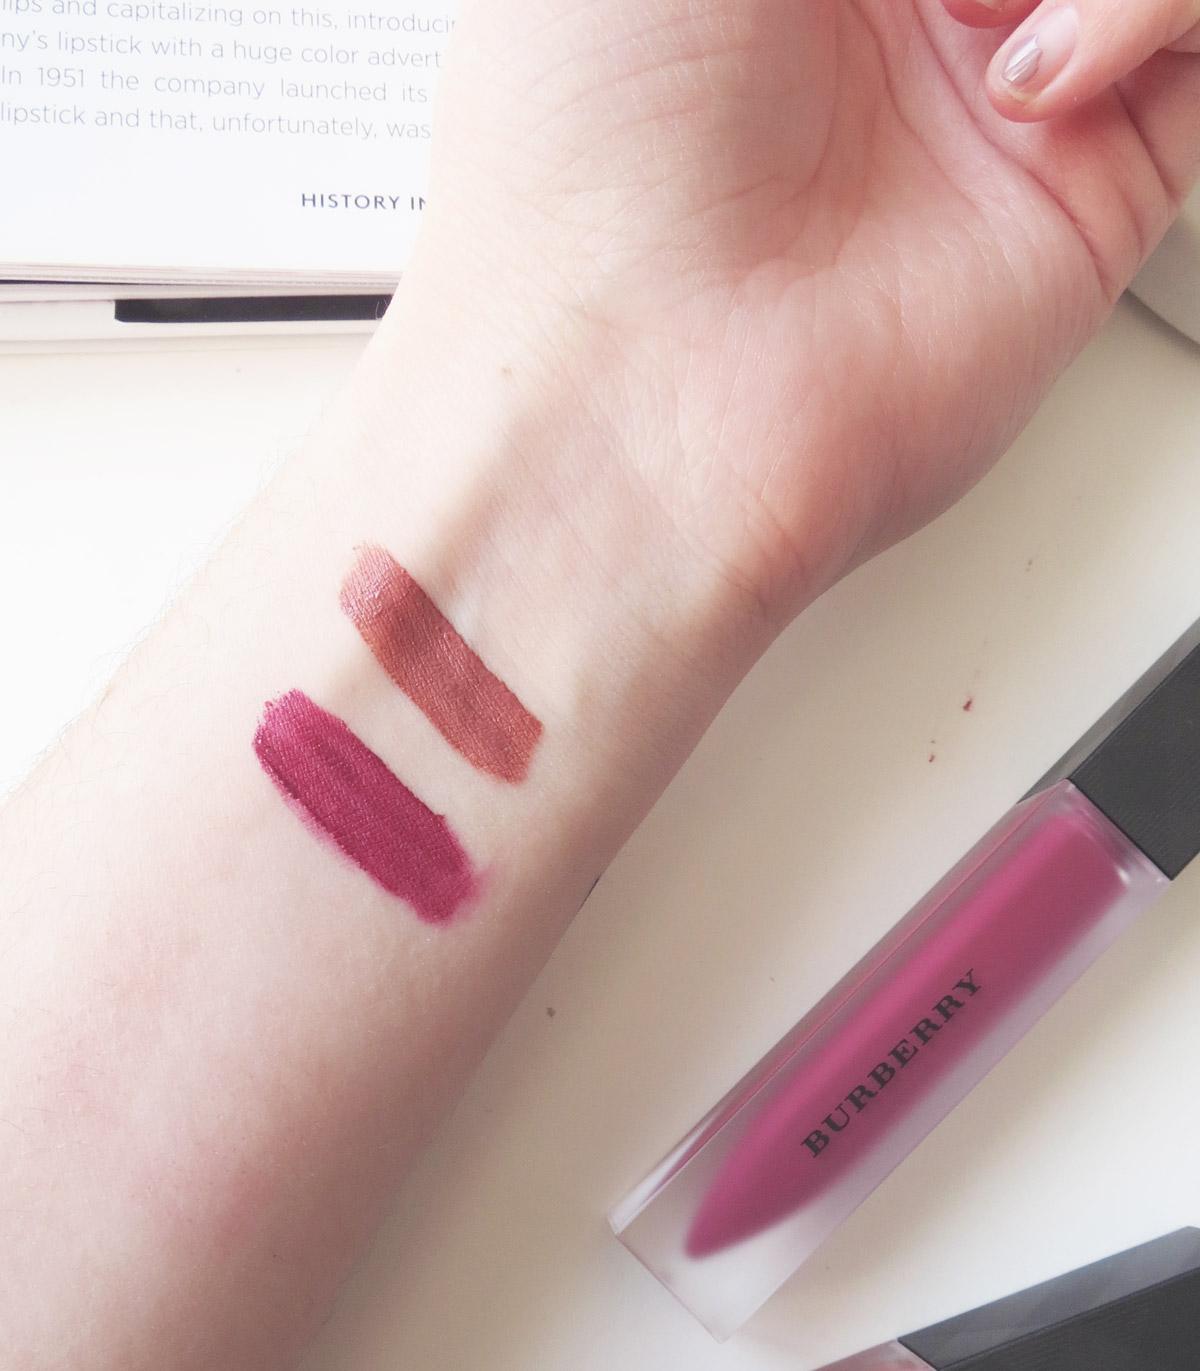 burberry-lip-velvet-review-4.jpg